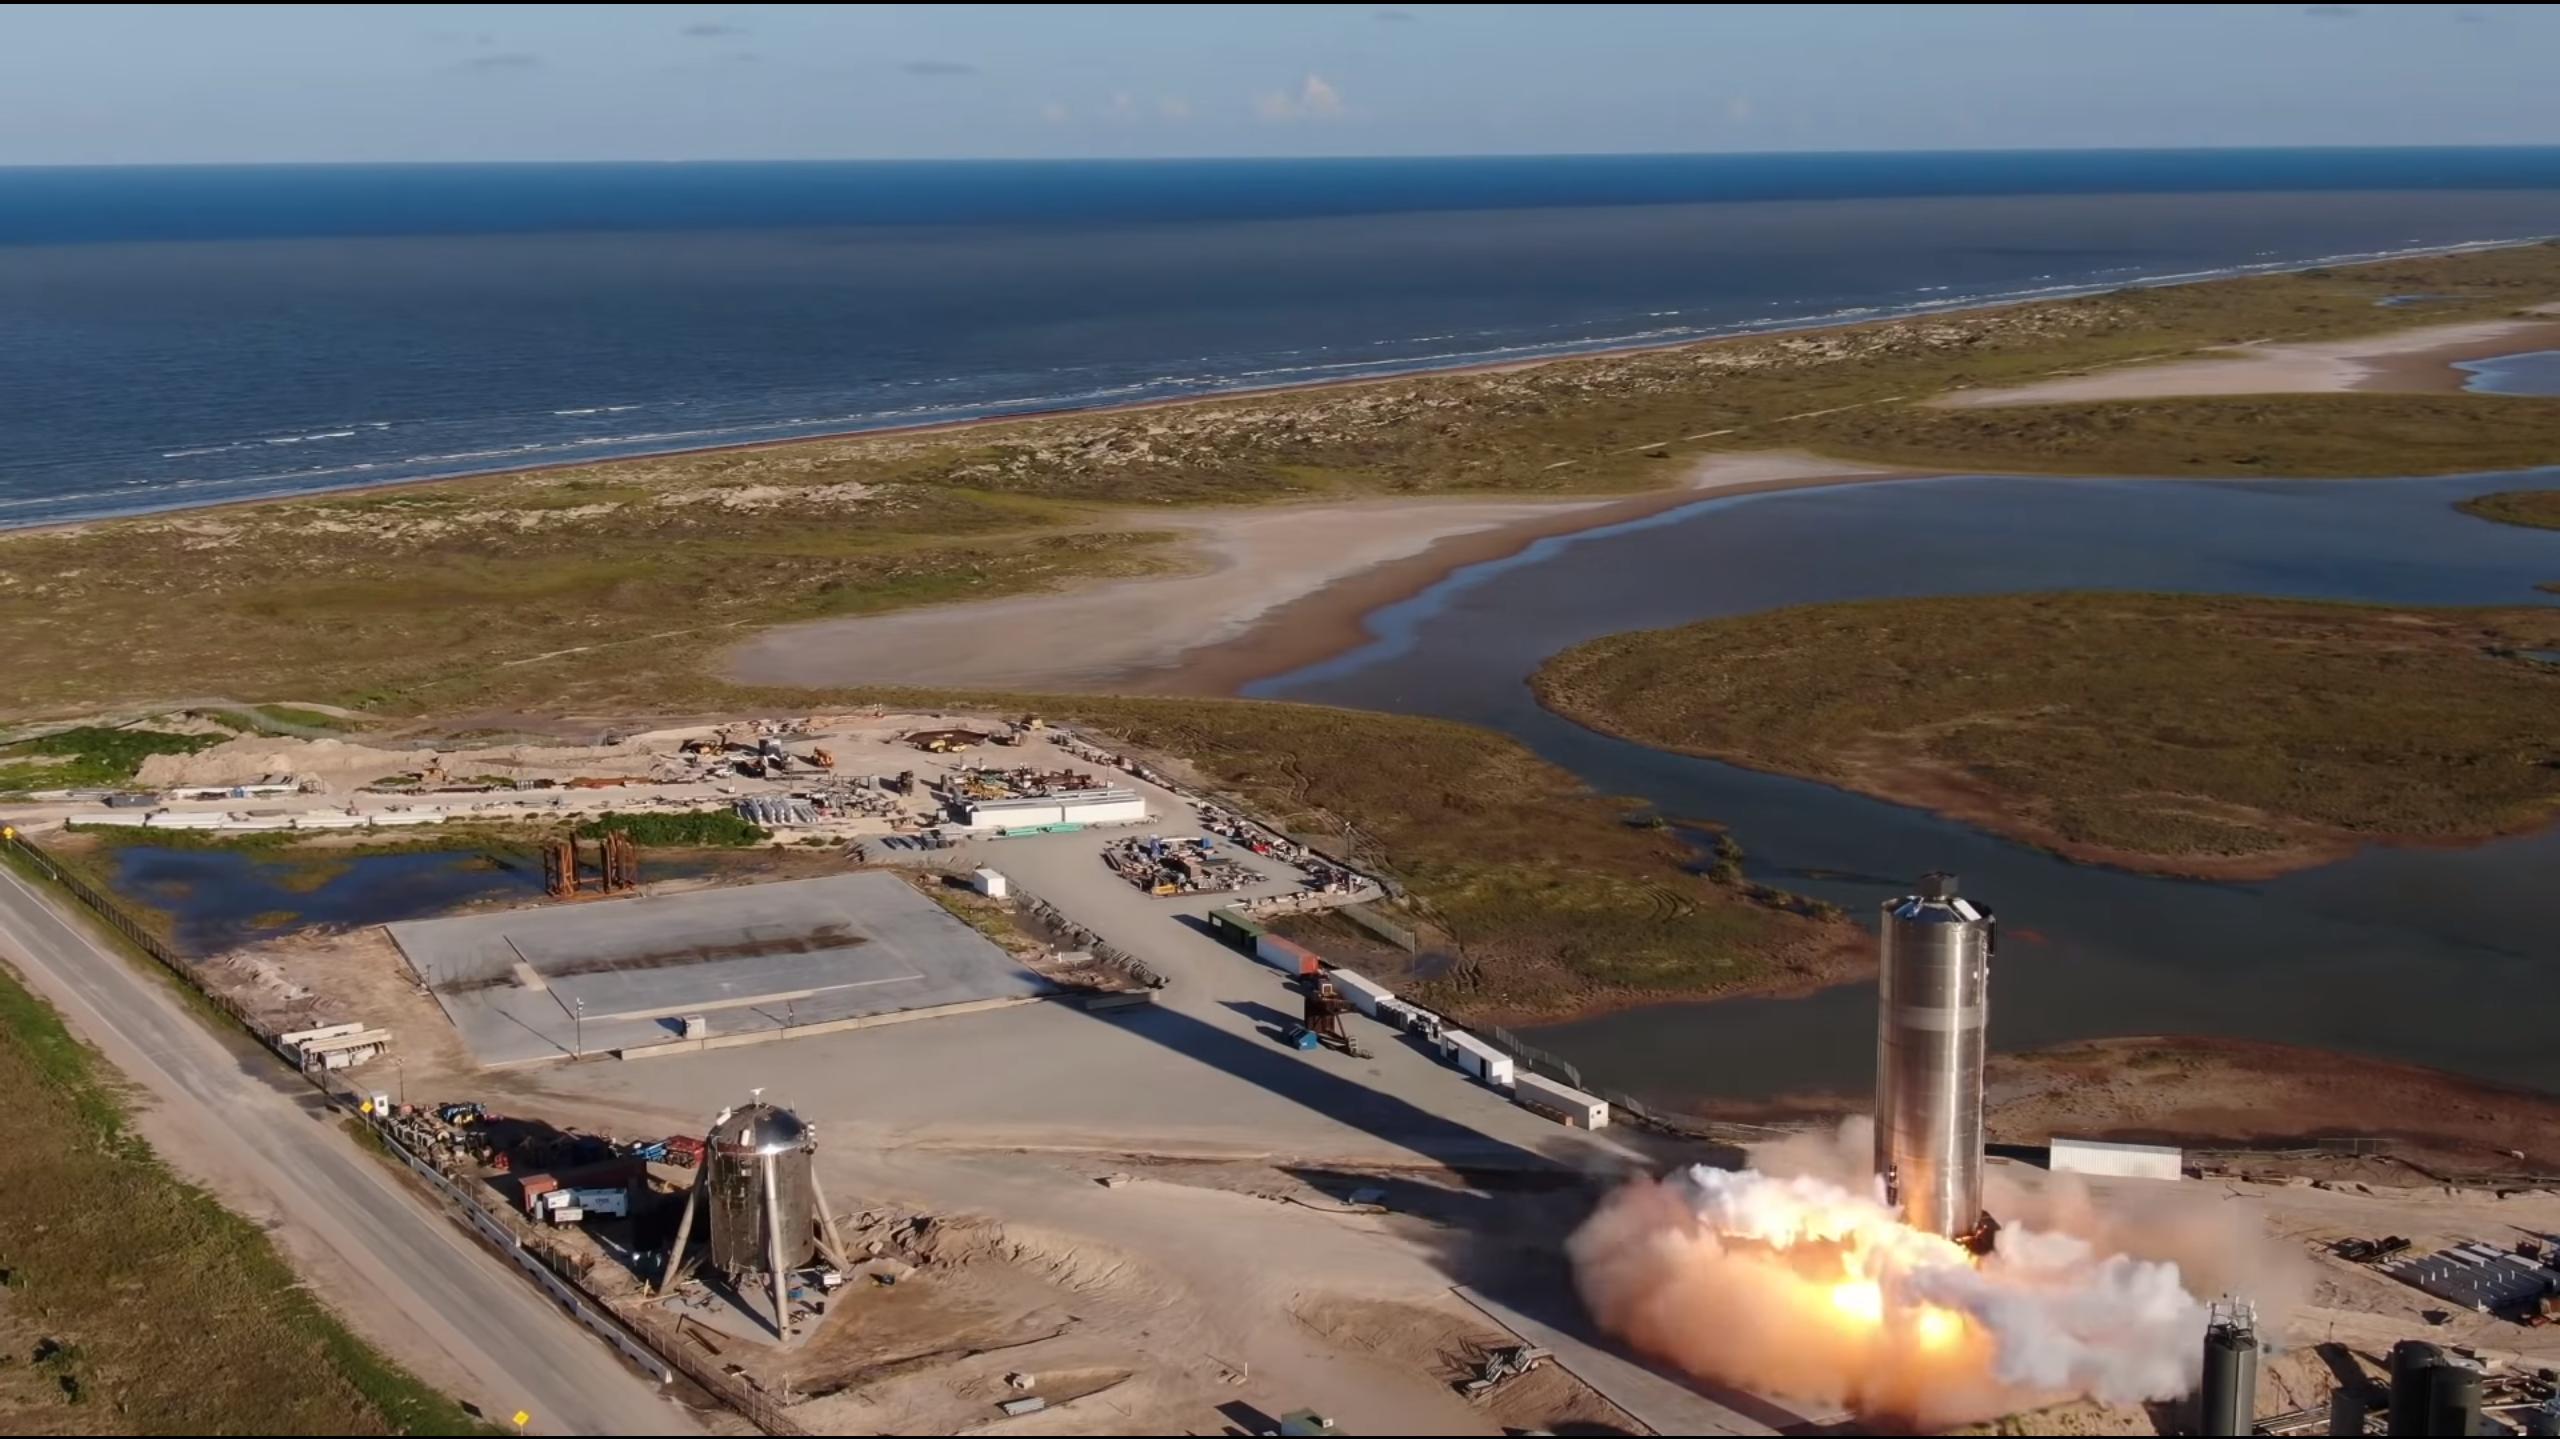 Slik så det ut da raketten startet oppskytningen.